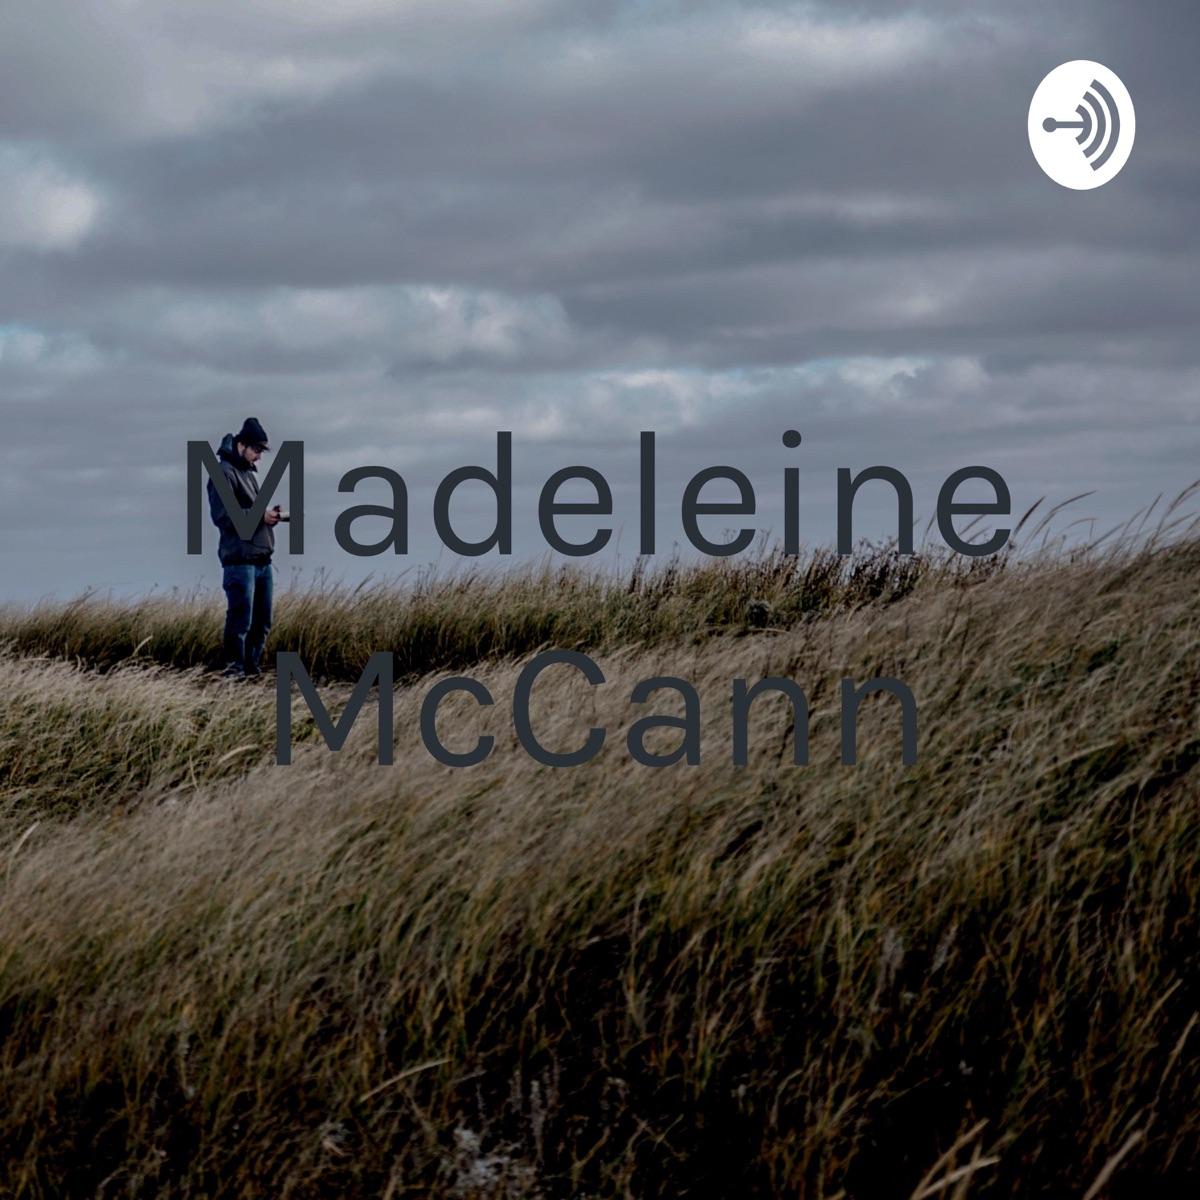 Madeleine McCann